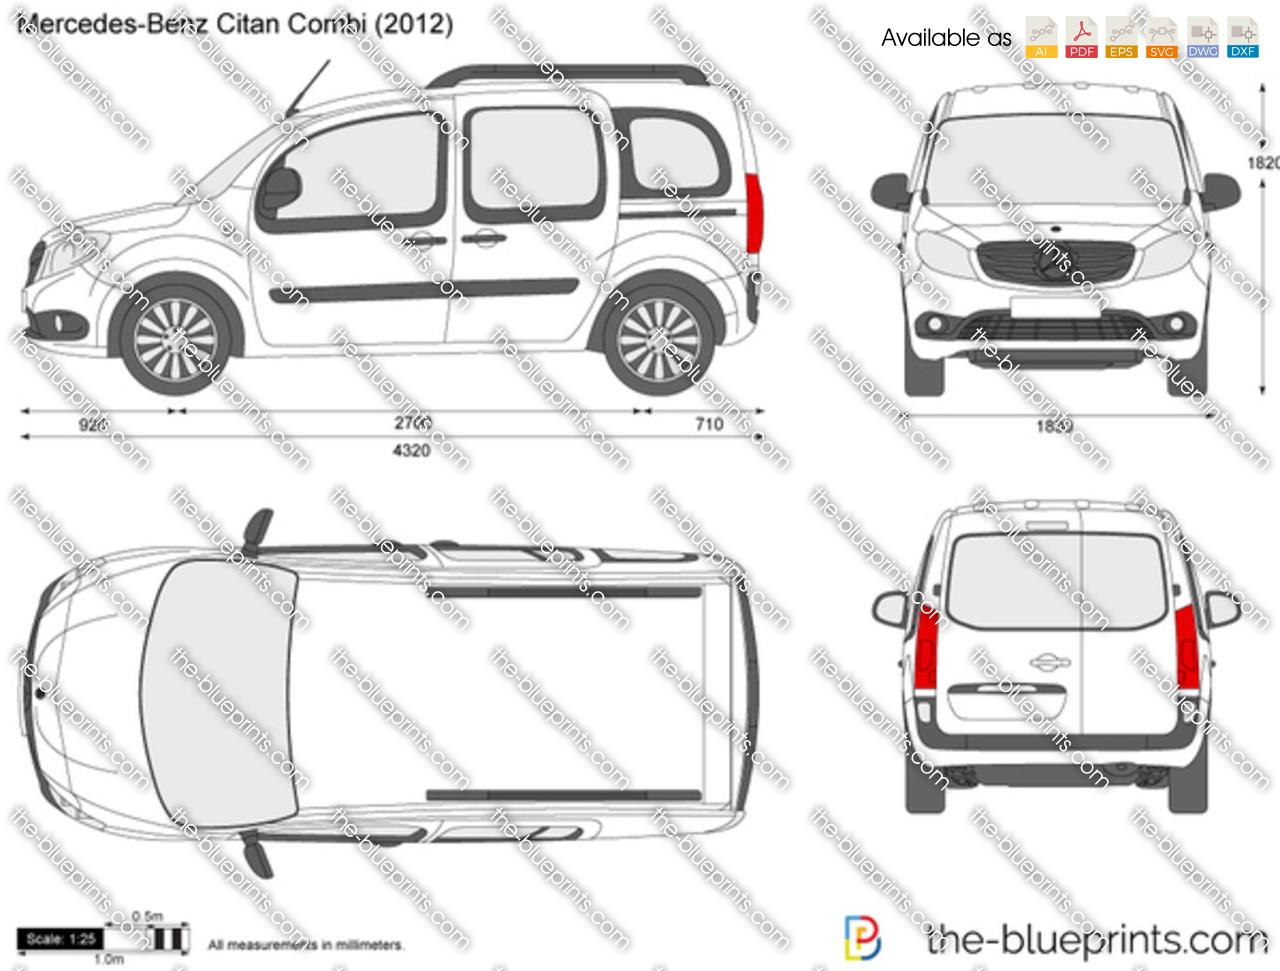 Mercedes Benz Citan Combi Vector Drawing